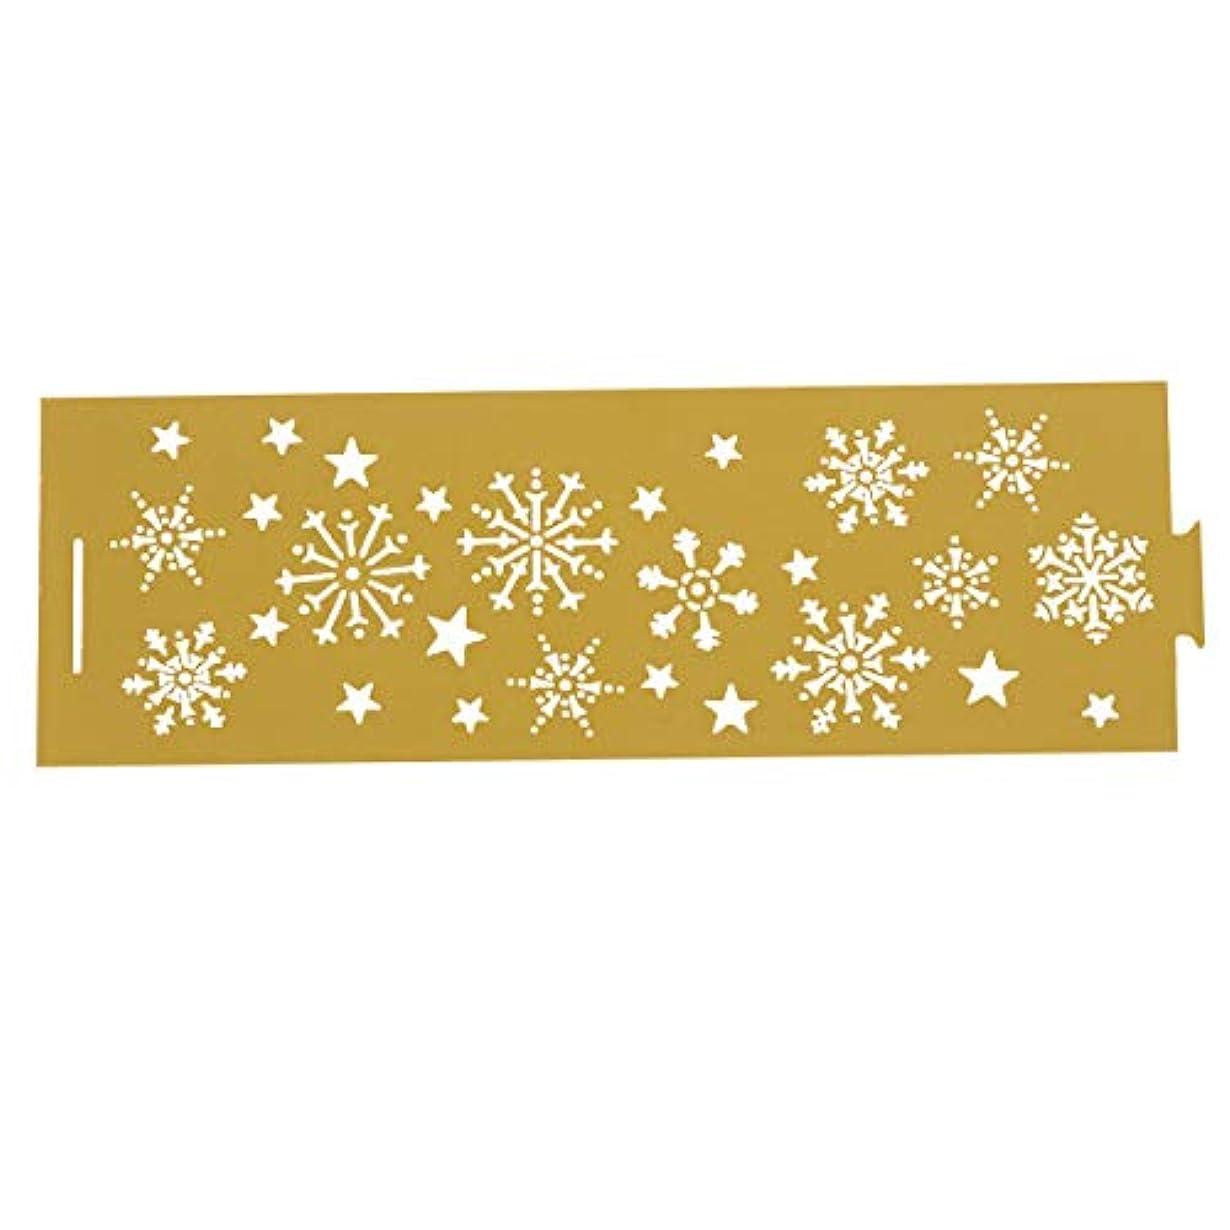 非公式ラショナルこねるBESTONZON 50ピースled電子キャンドルラッパーライト中空キャンドルシェードカバーペーパーラッパーペーパーキャンドル装飾(ゴールデン)